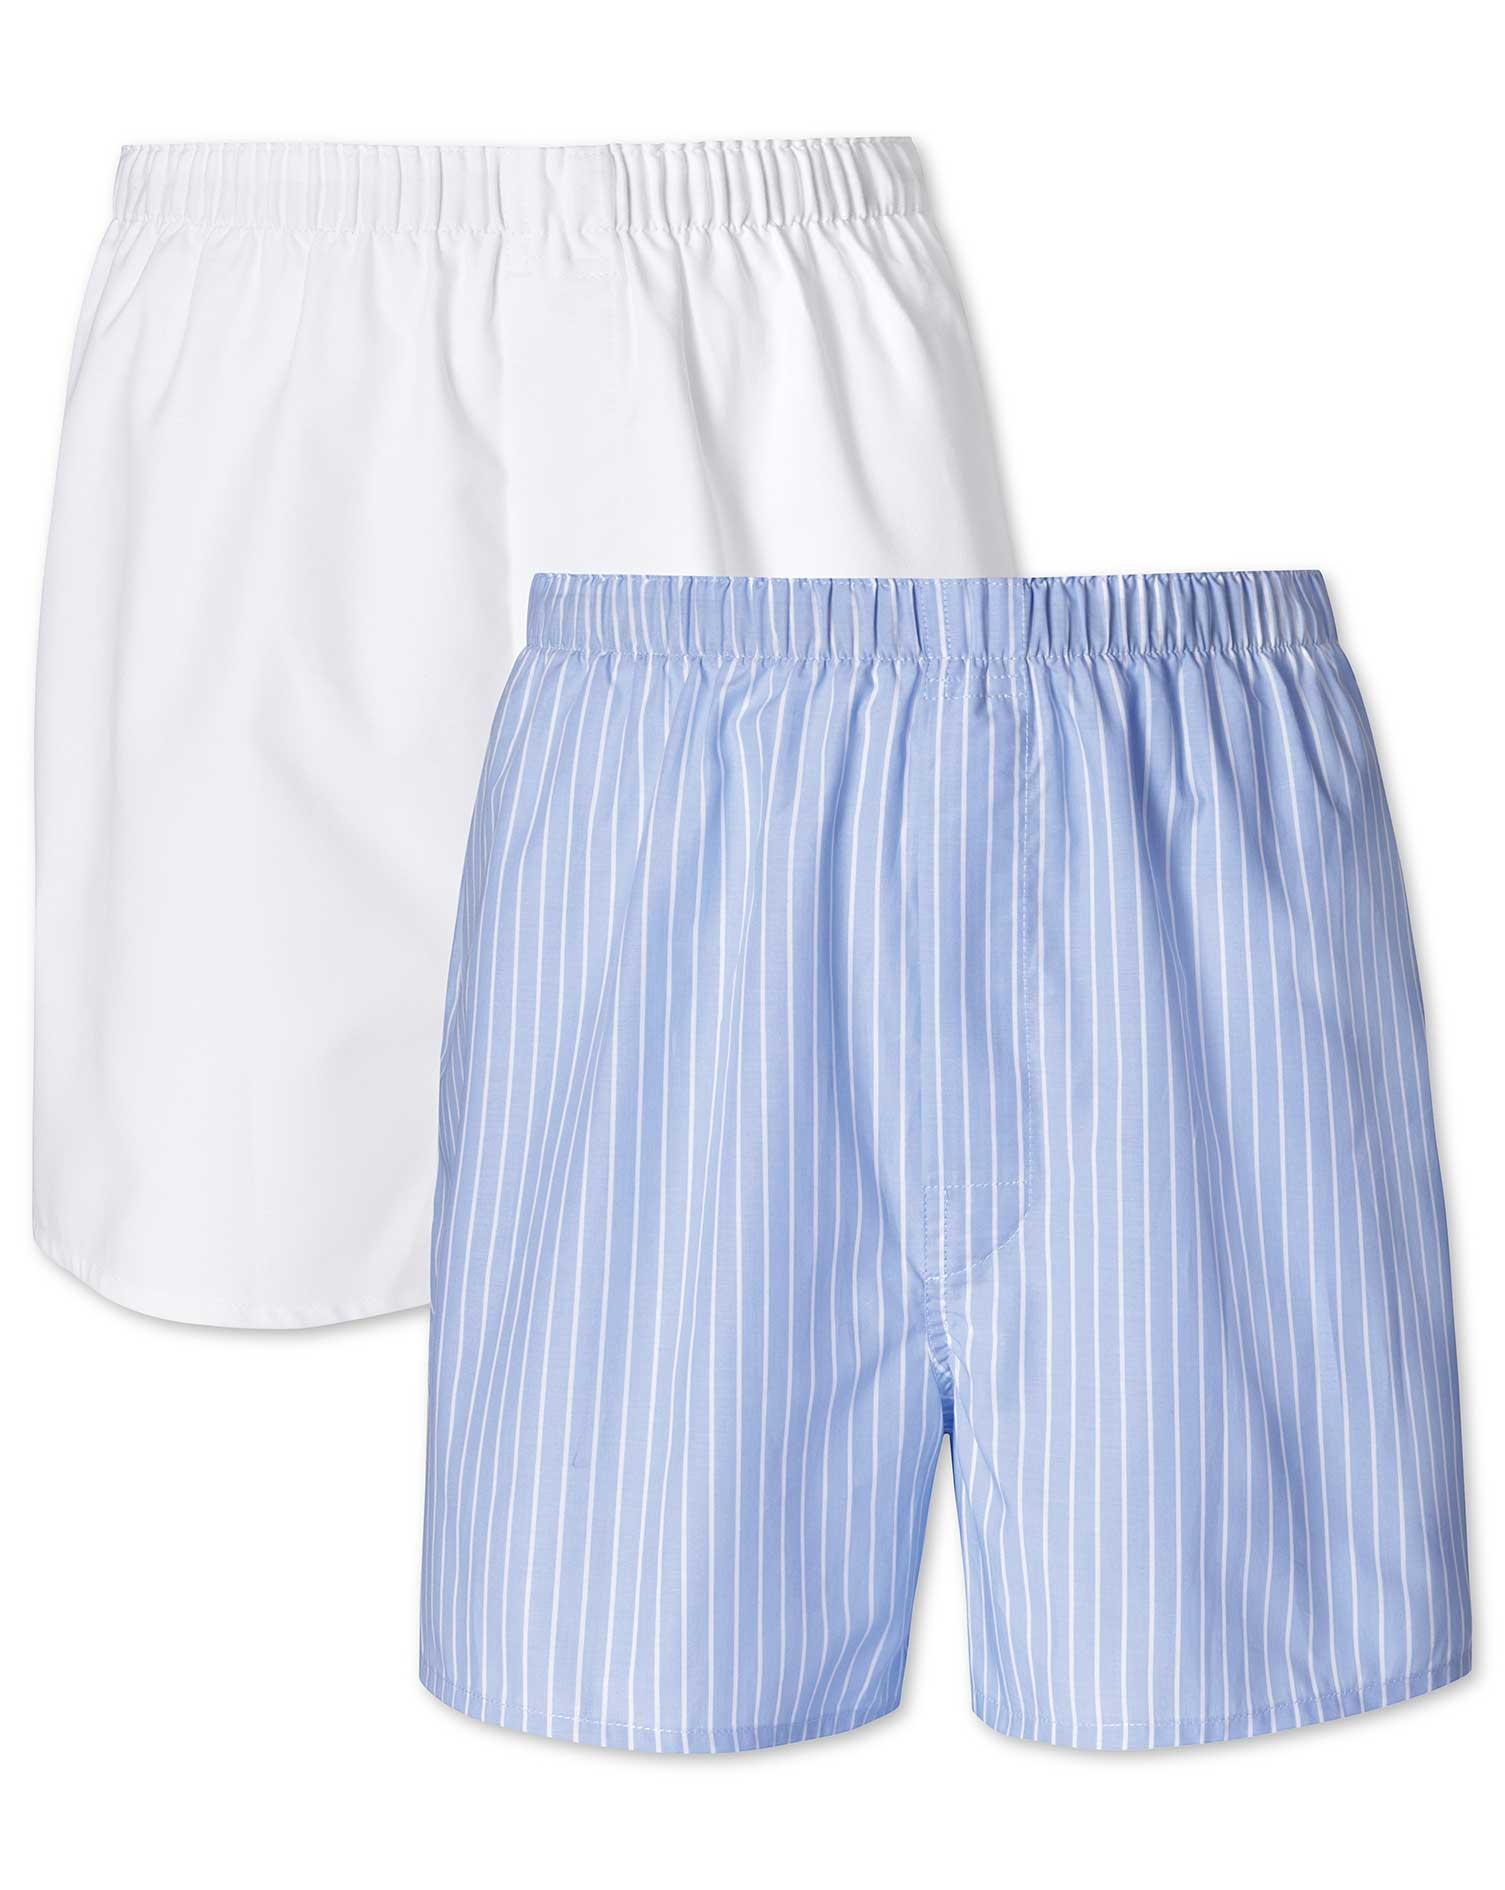 2er Pack Boxers in Himmelblau und Weiß mit Stre...